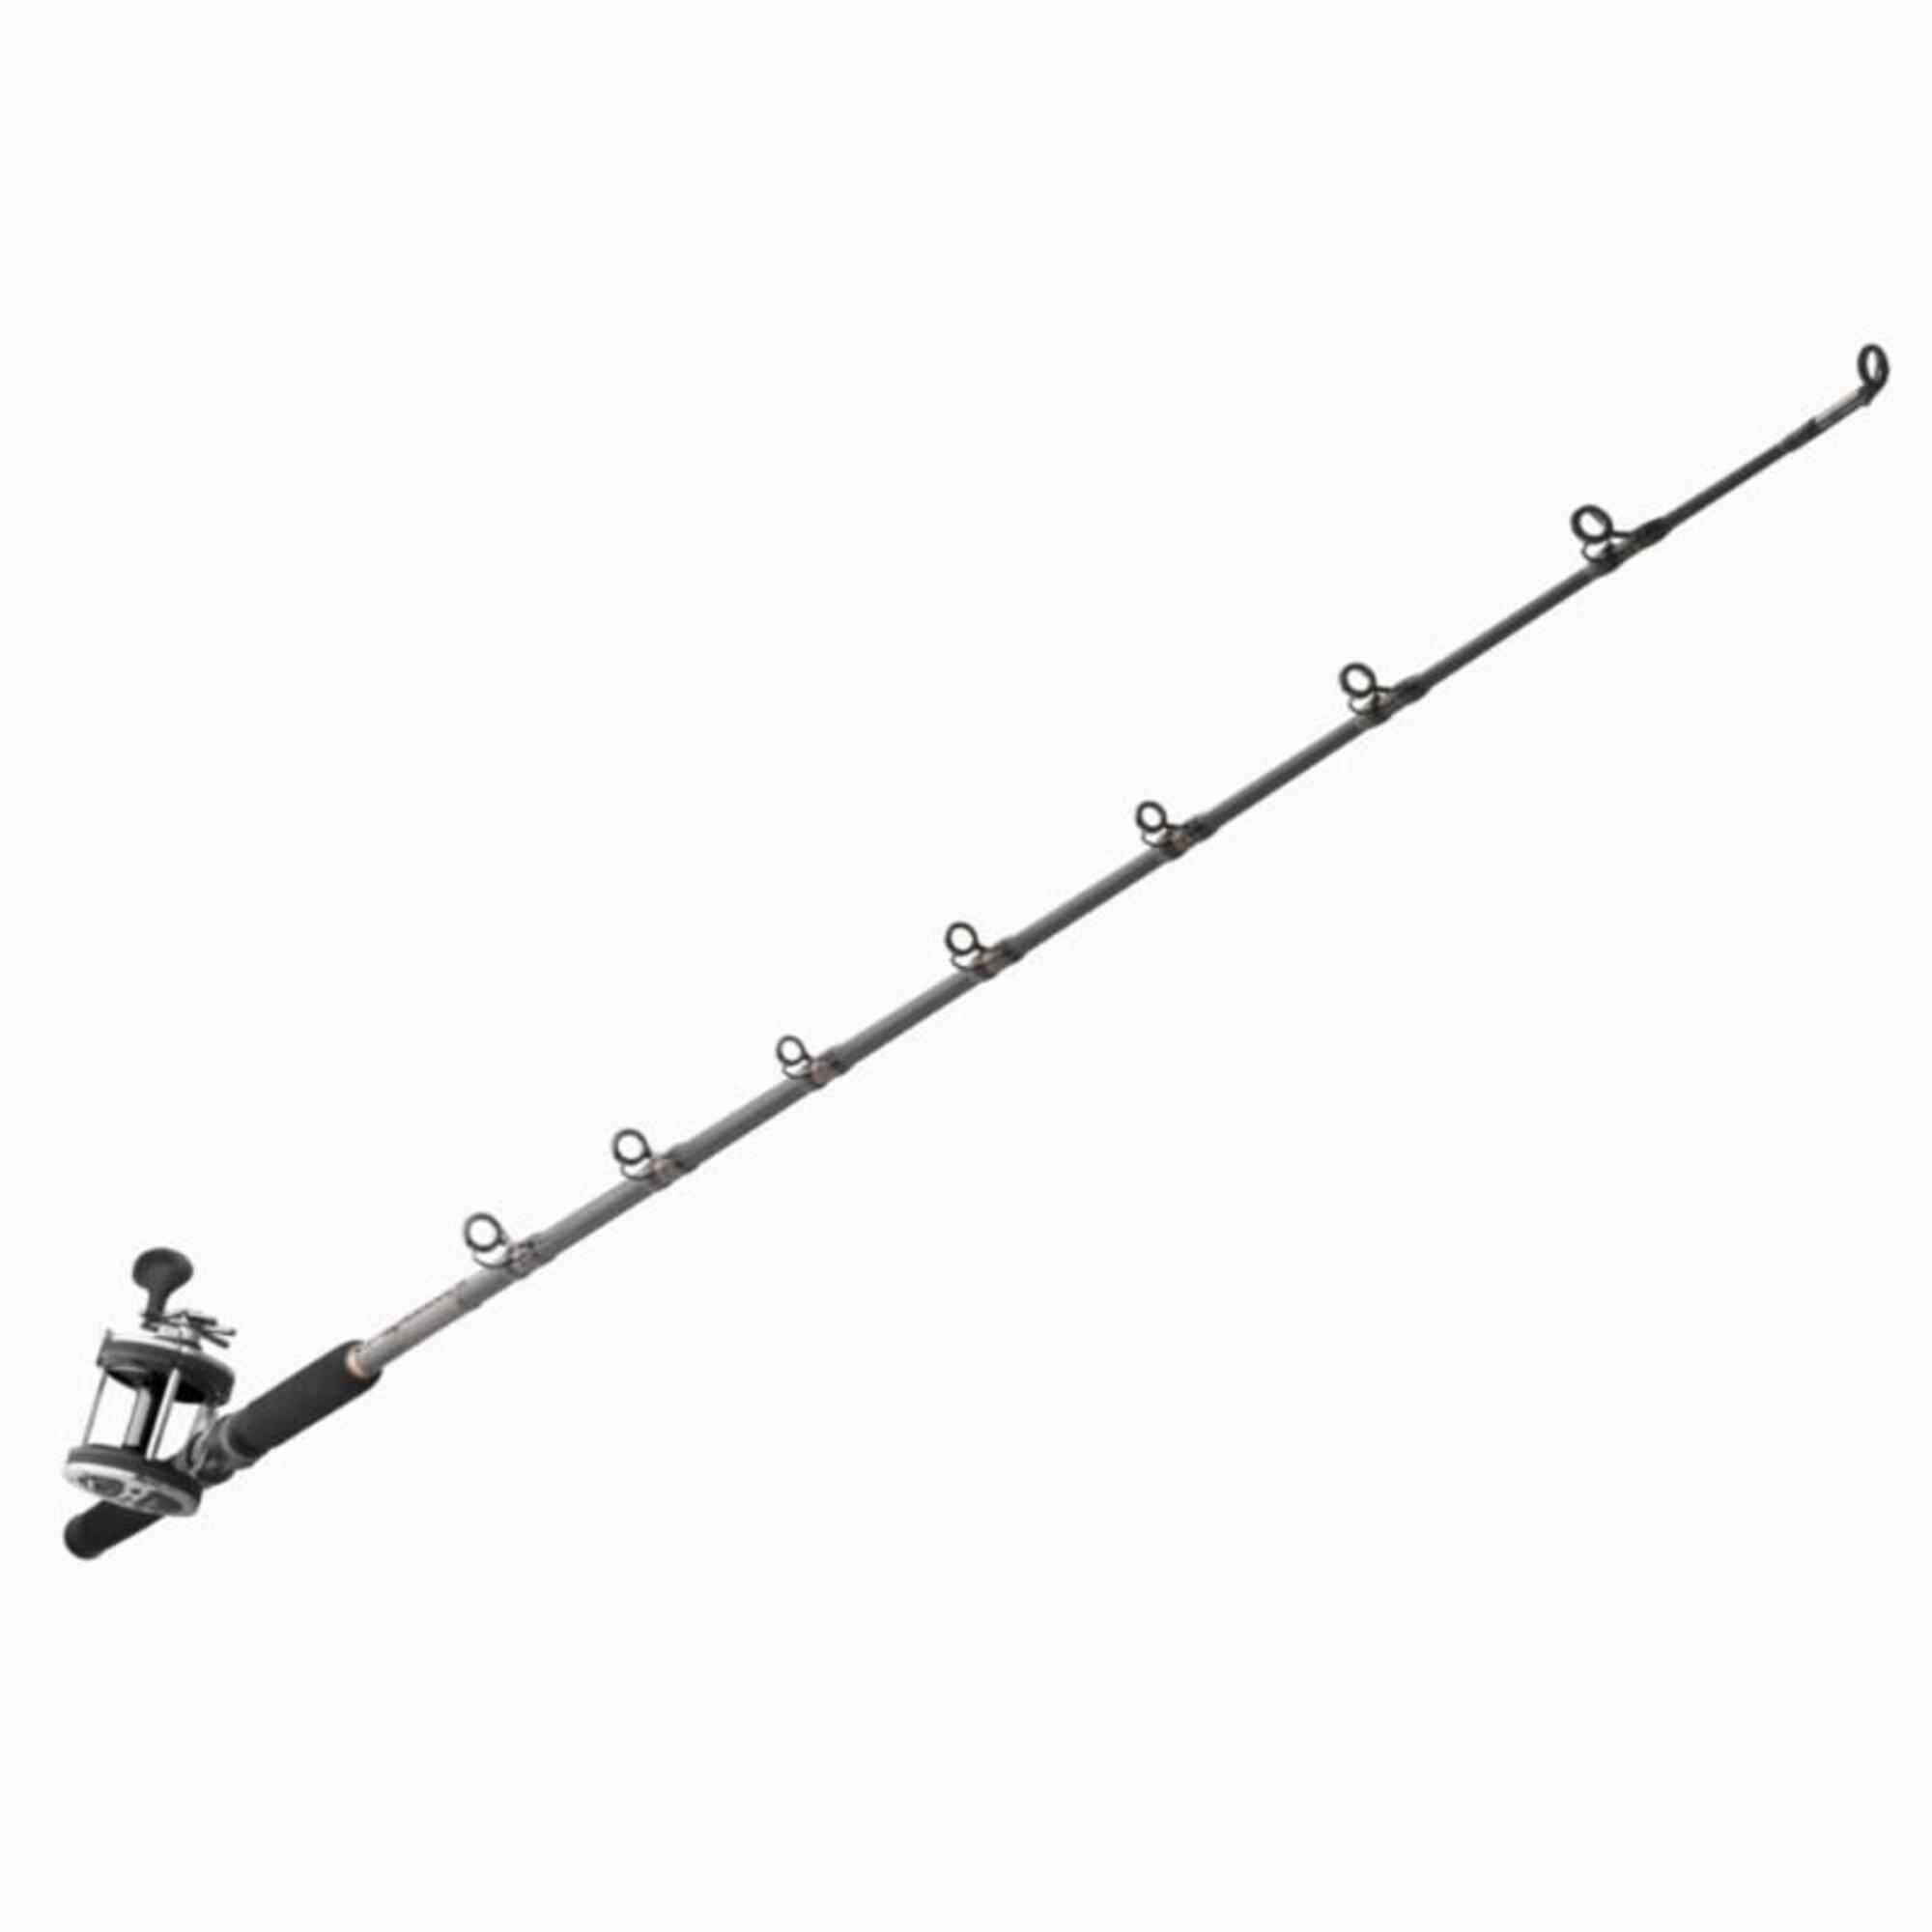 SADY, PRUTY, NAVIJÁKY NA MOŘSKÝ RYBOLOV NÁHRADNÍ DÍLY Rybolov - ŠPIČKA KEYRIOS 30 LB Č. 1 CAPERLAN - Specifické rybářské techniky a náhradní díly